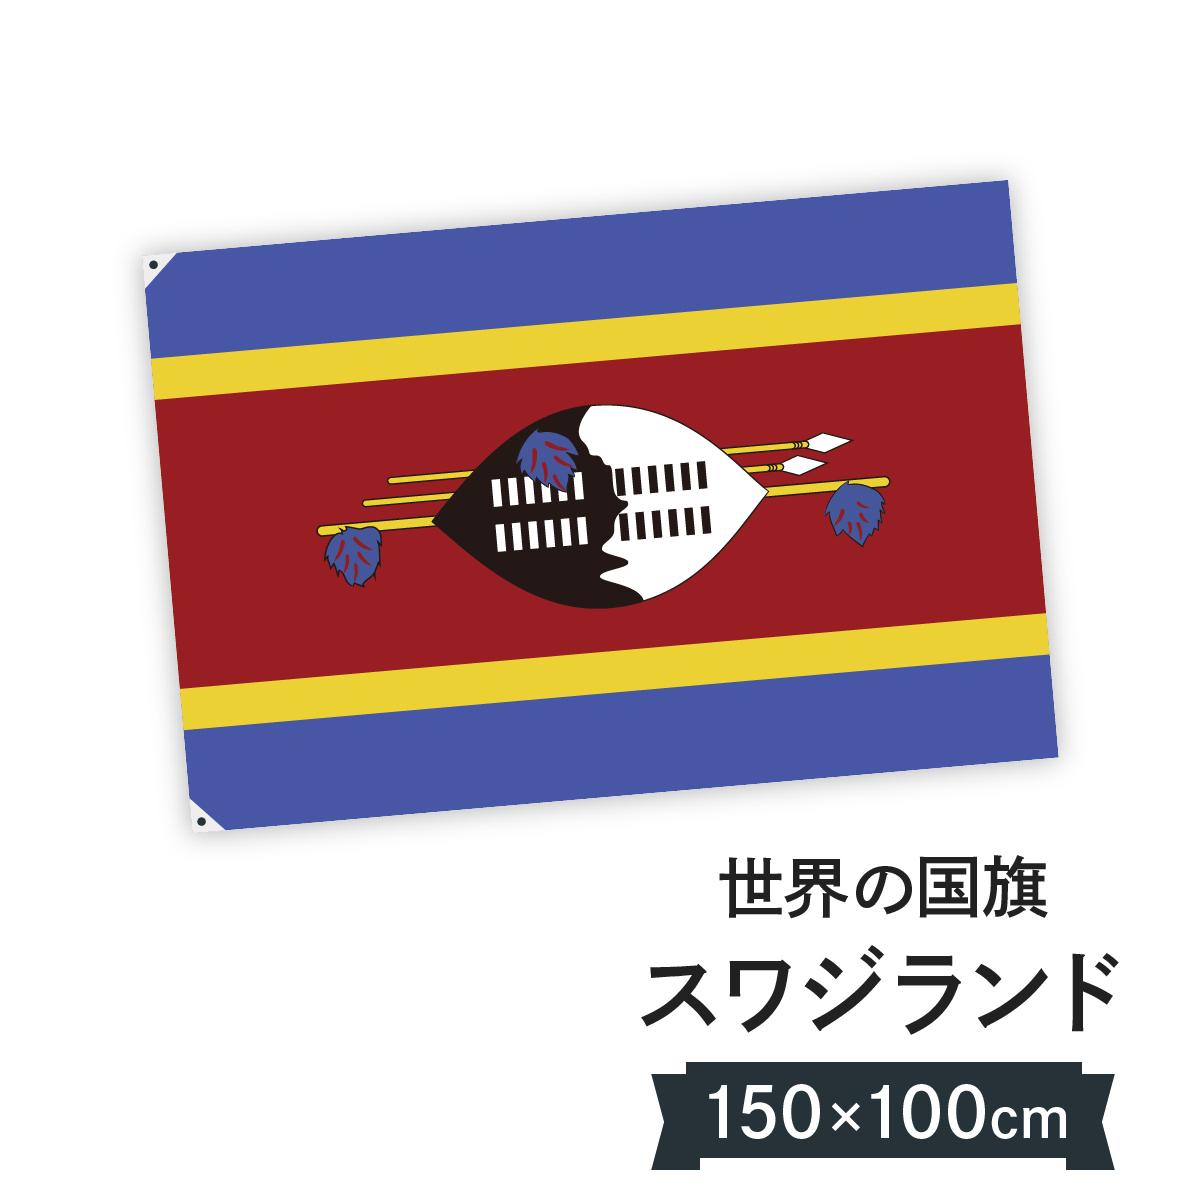 スワジランド王国 国旗 W150cm H100cm